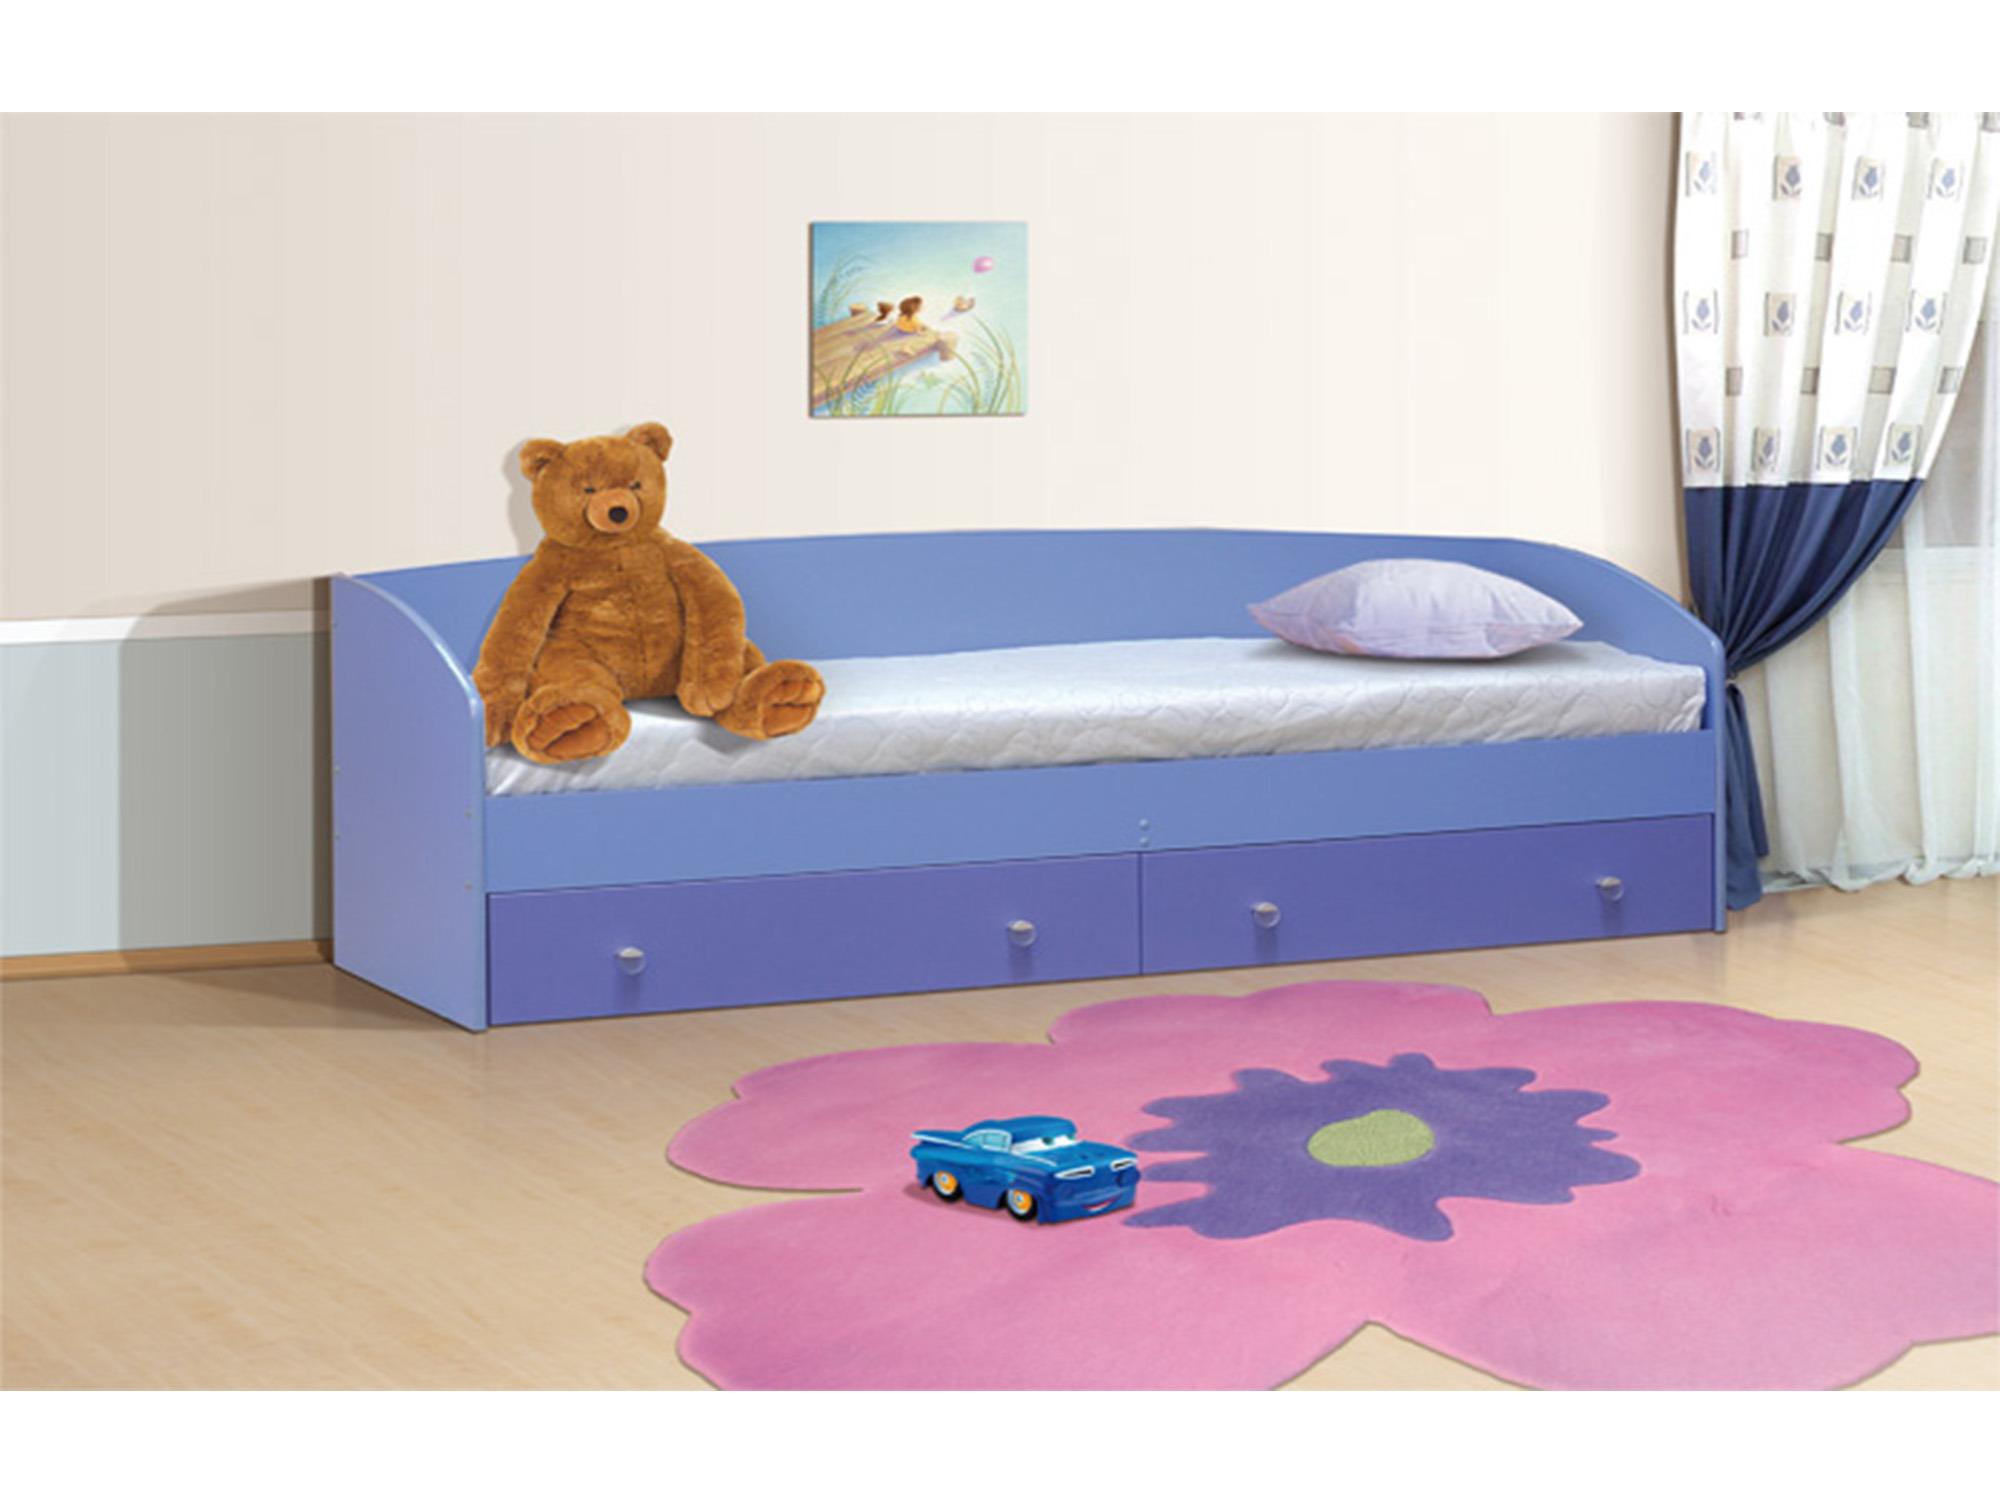 Кровать ЛицейДетские кровати<br><br><br>Длина мм: 2050<br>Высота мм: 855<br>Глубина мм: 840